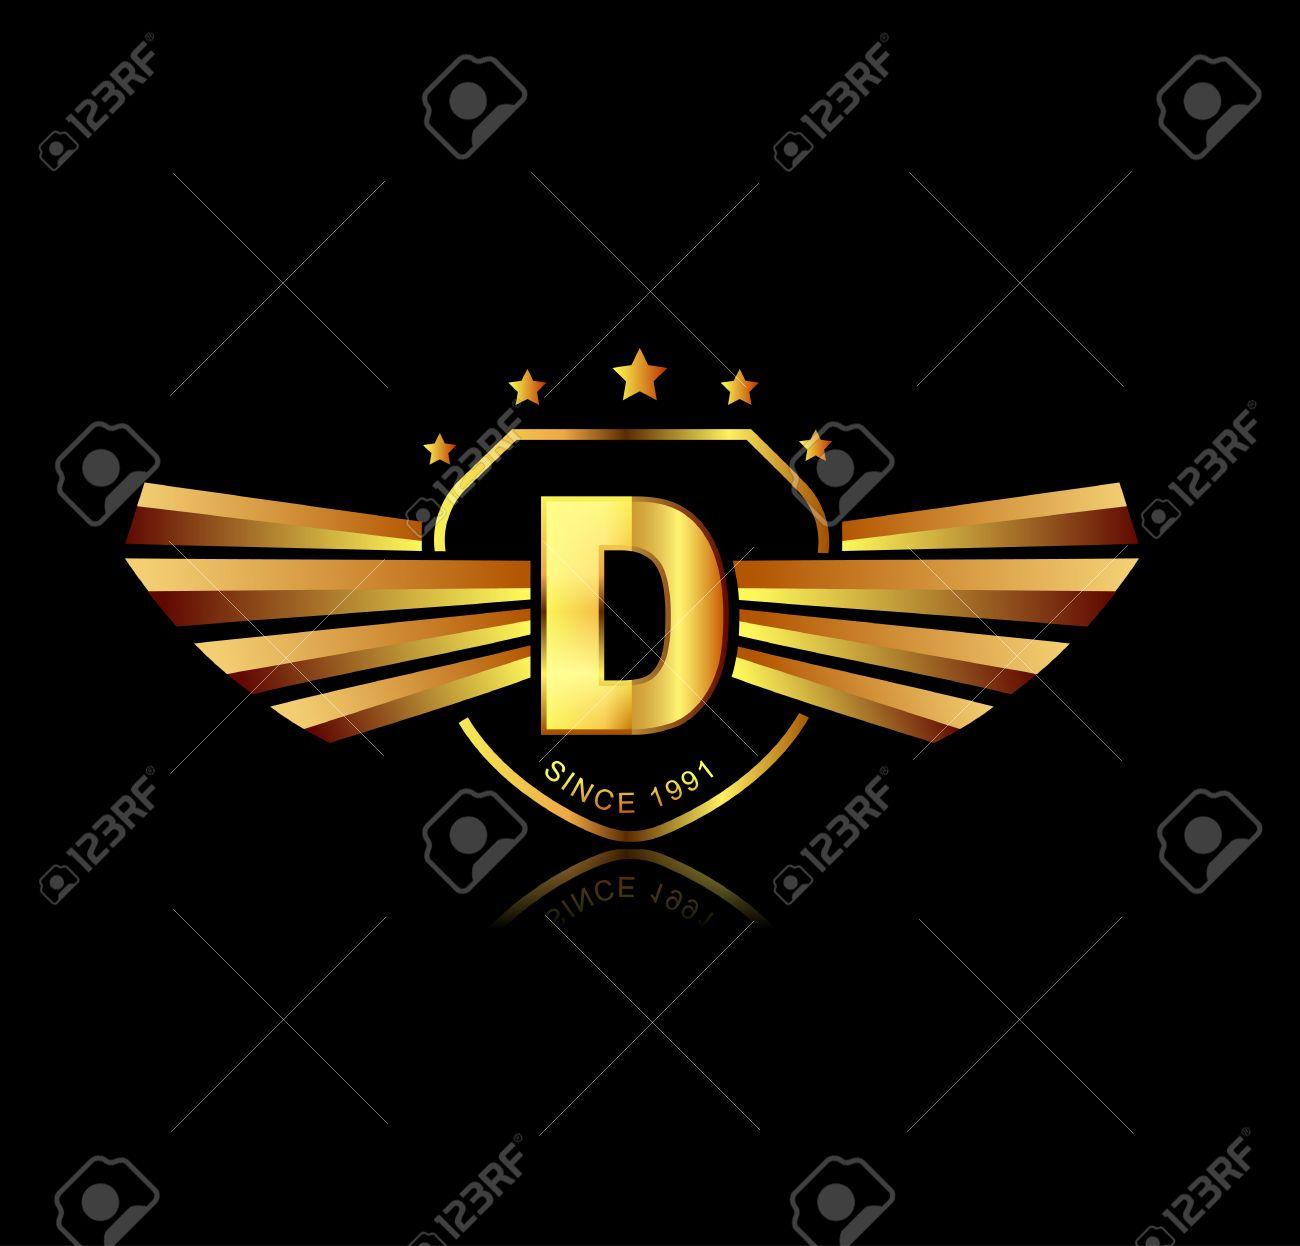 Letter D winged crests logo . Alphabet logotype design concept - 38759017